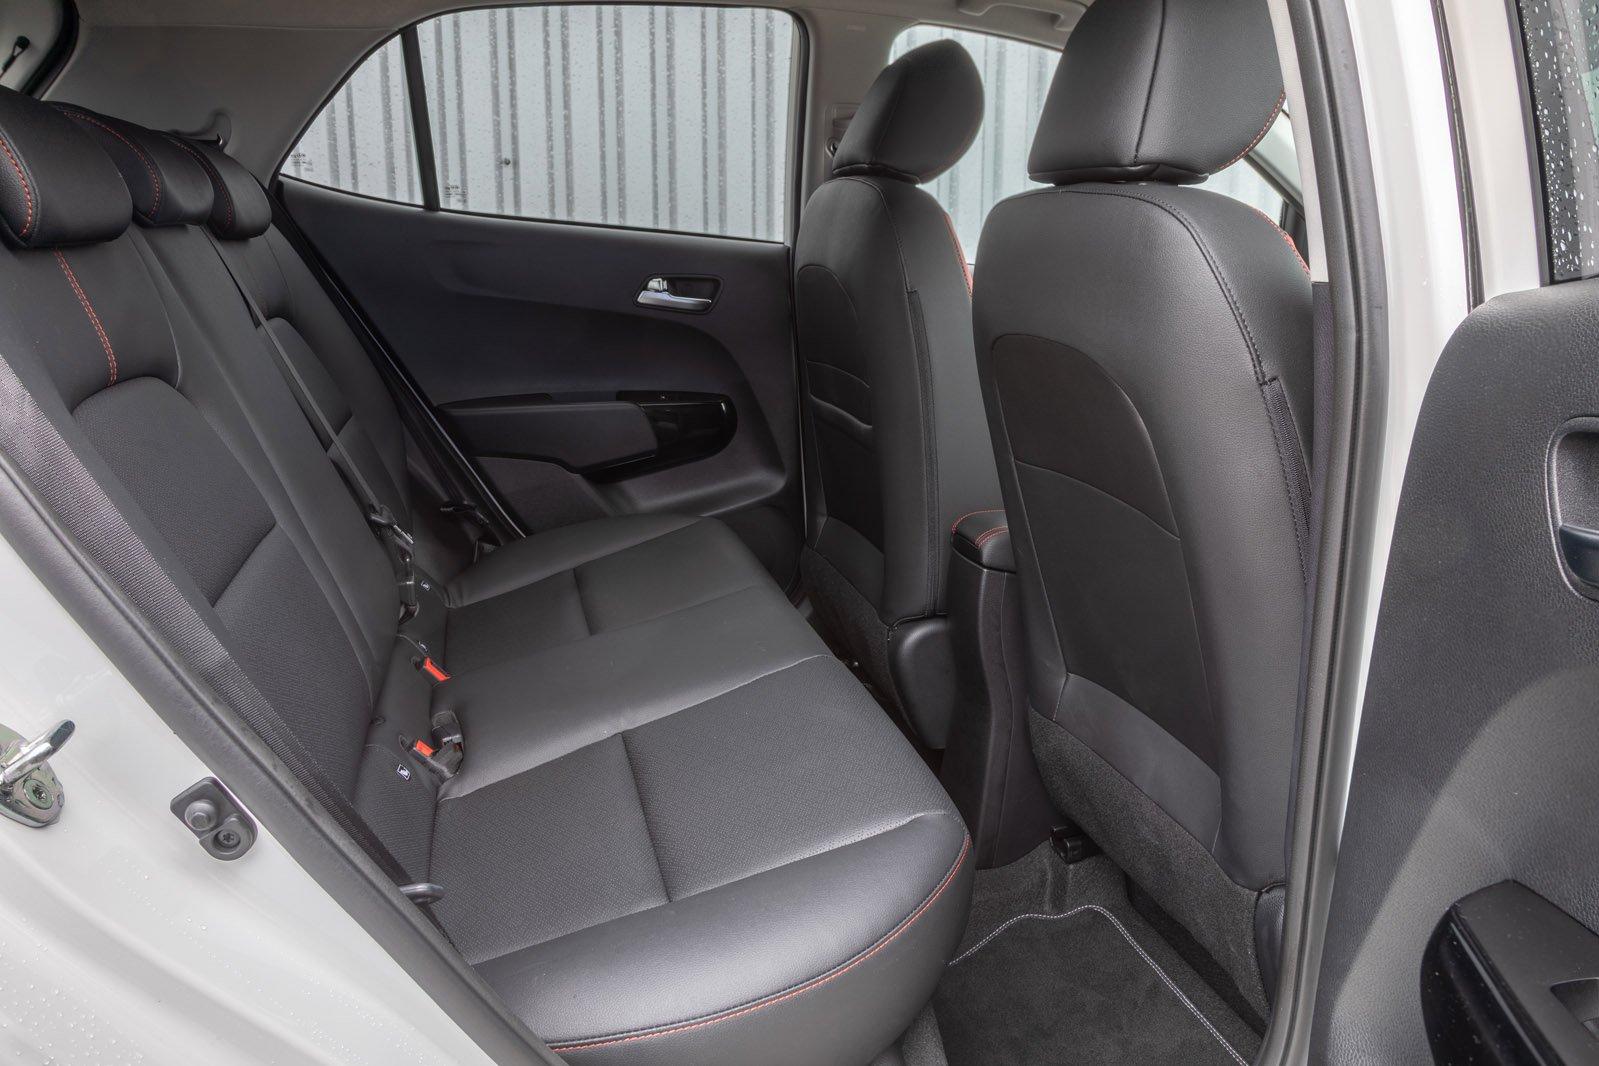 Kia Picanto 2019 right rear seats